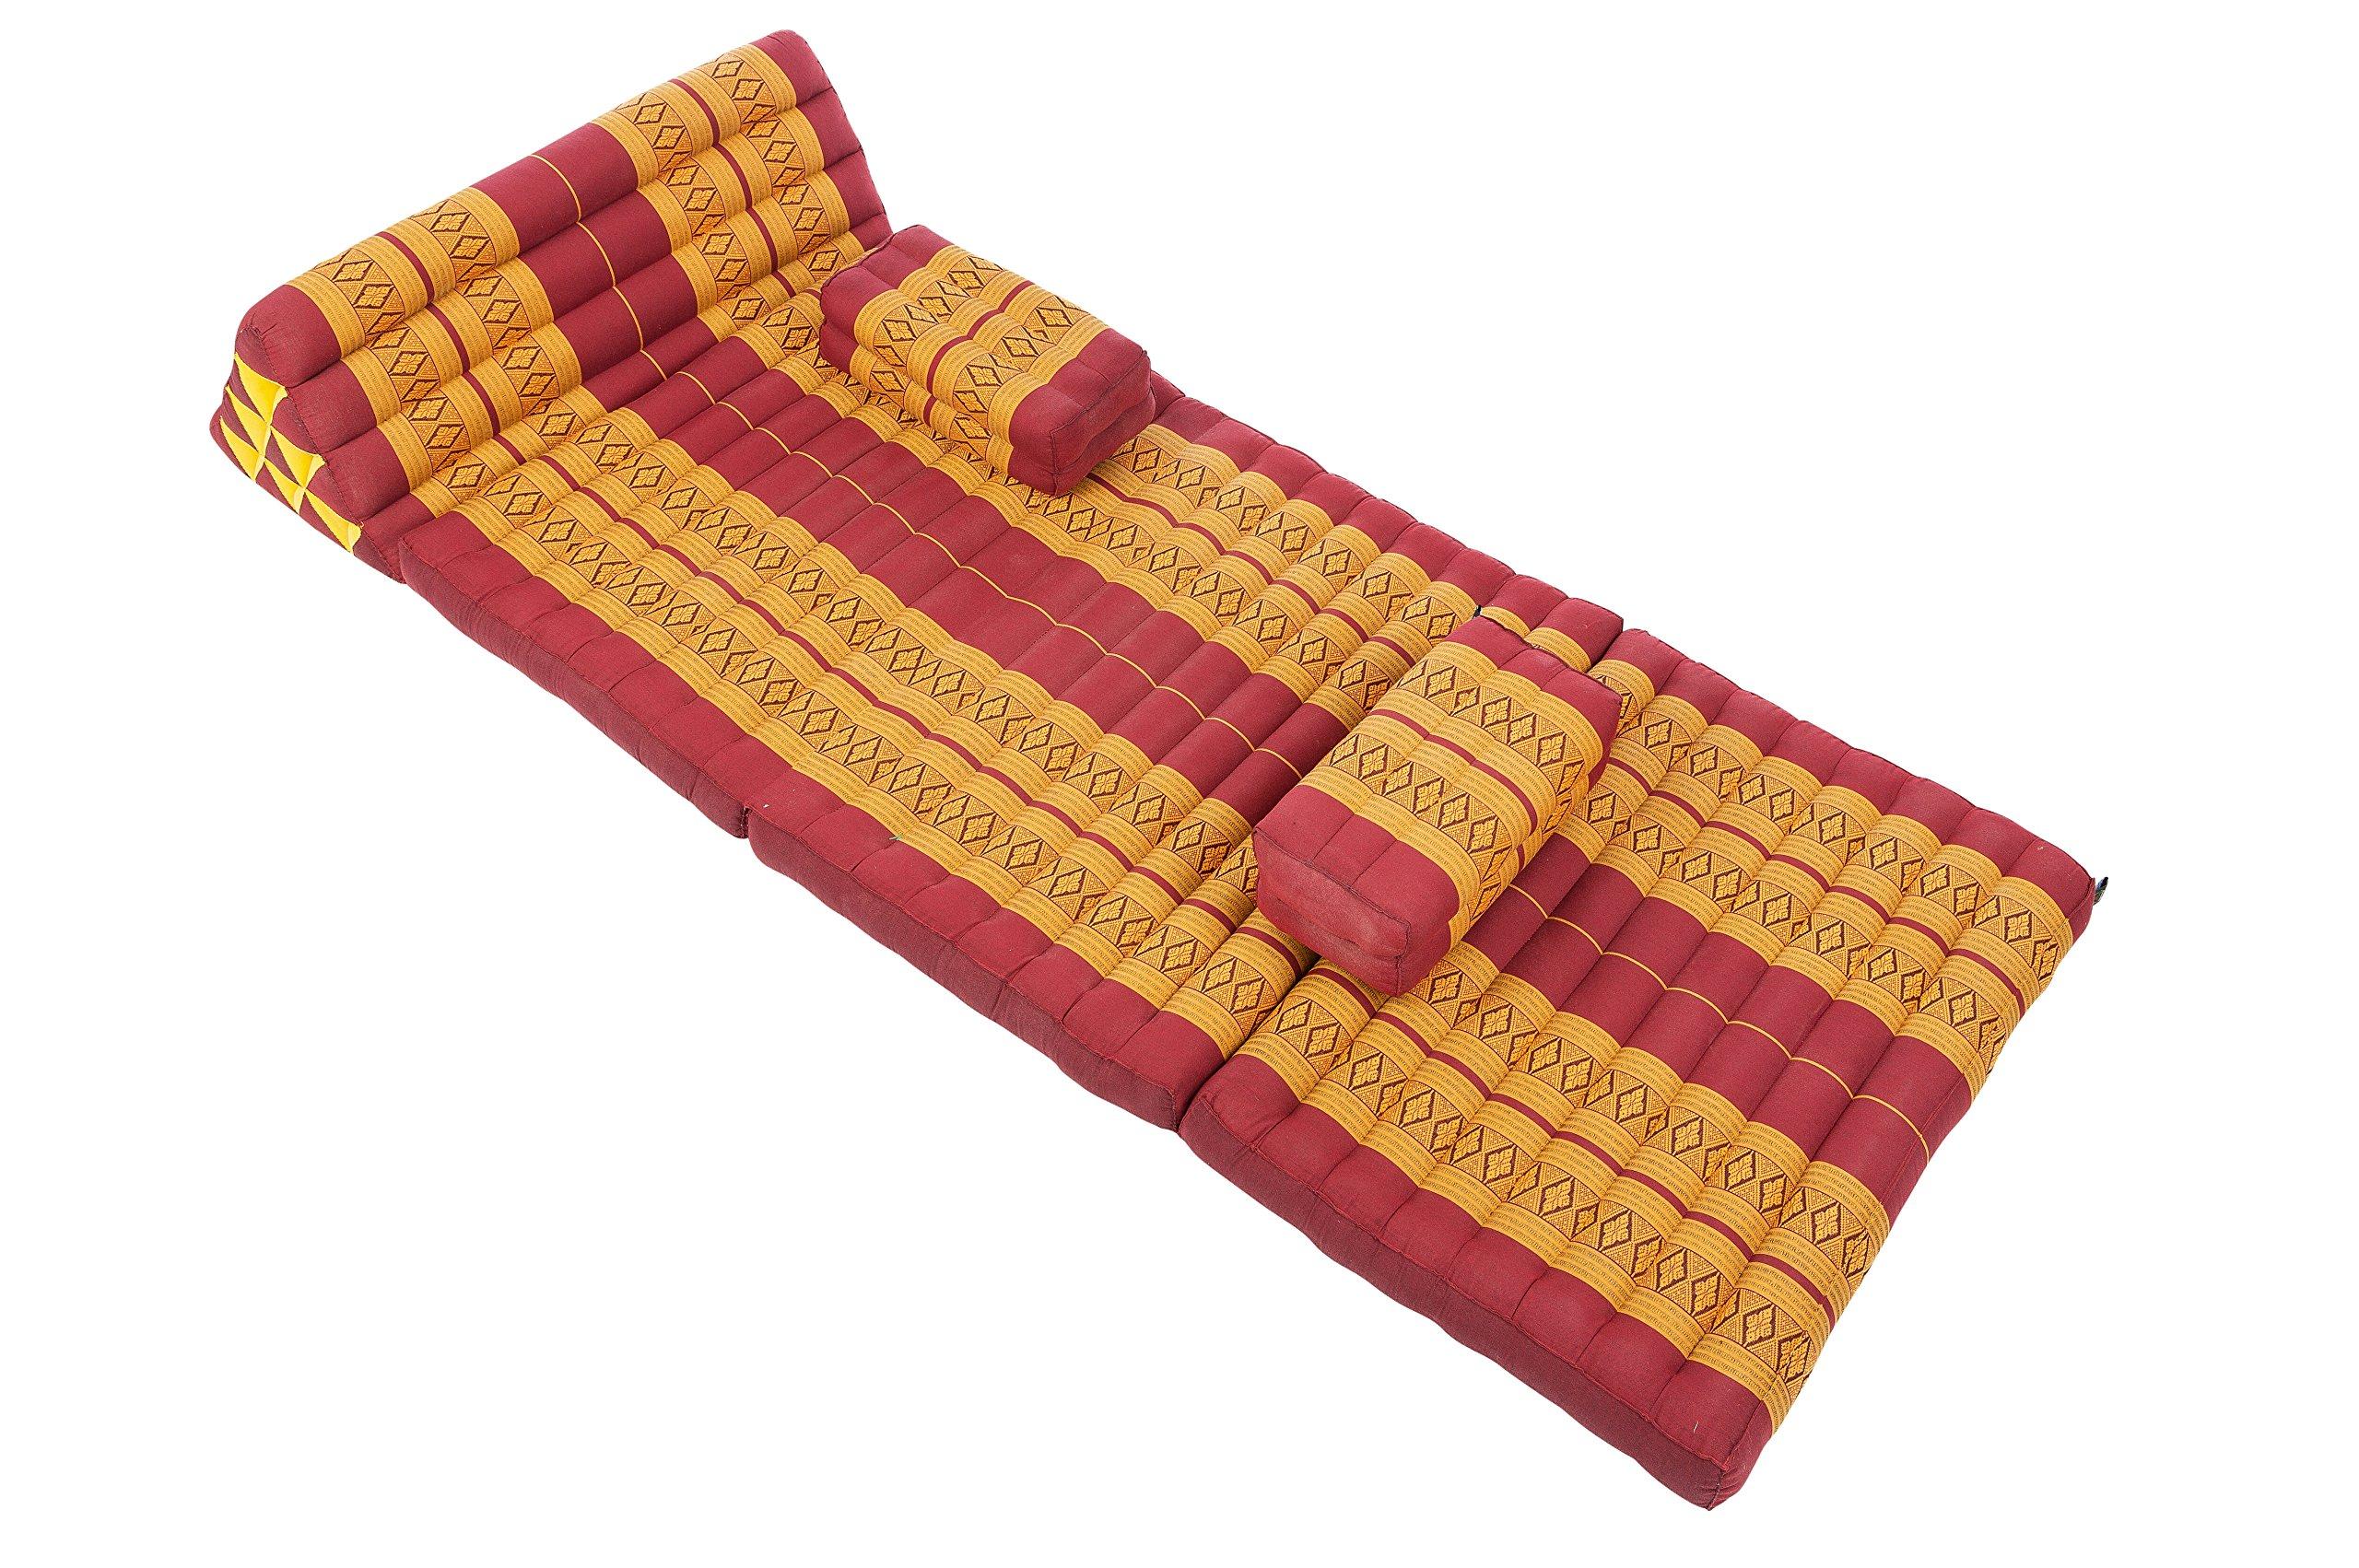 Thaicushion set Set XXXL: Thai Cushions and Pillows in Thai Traditional Design, Burgundy, 3 Pieces